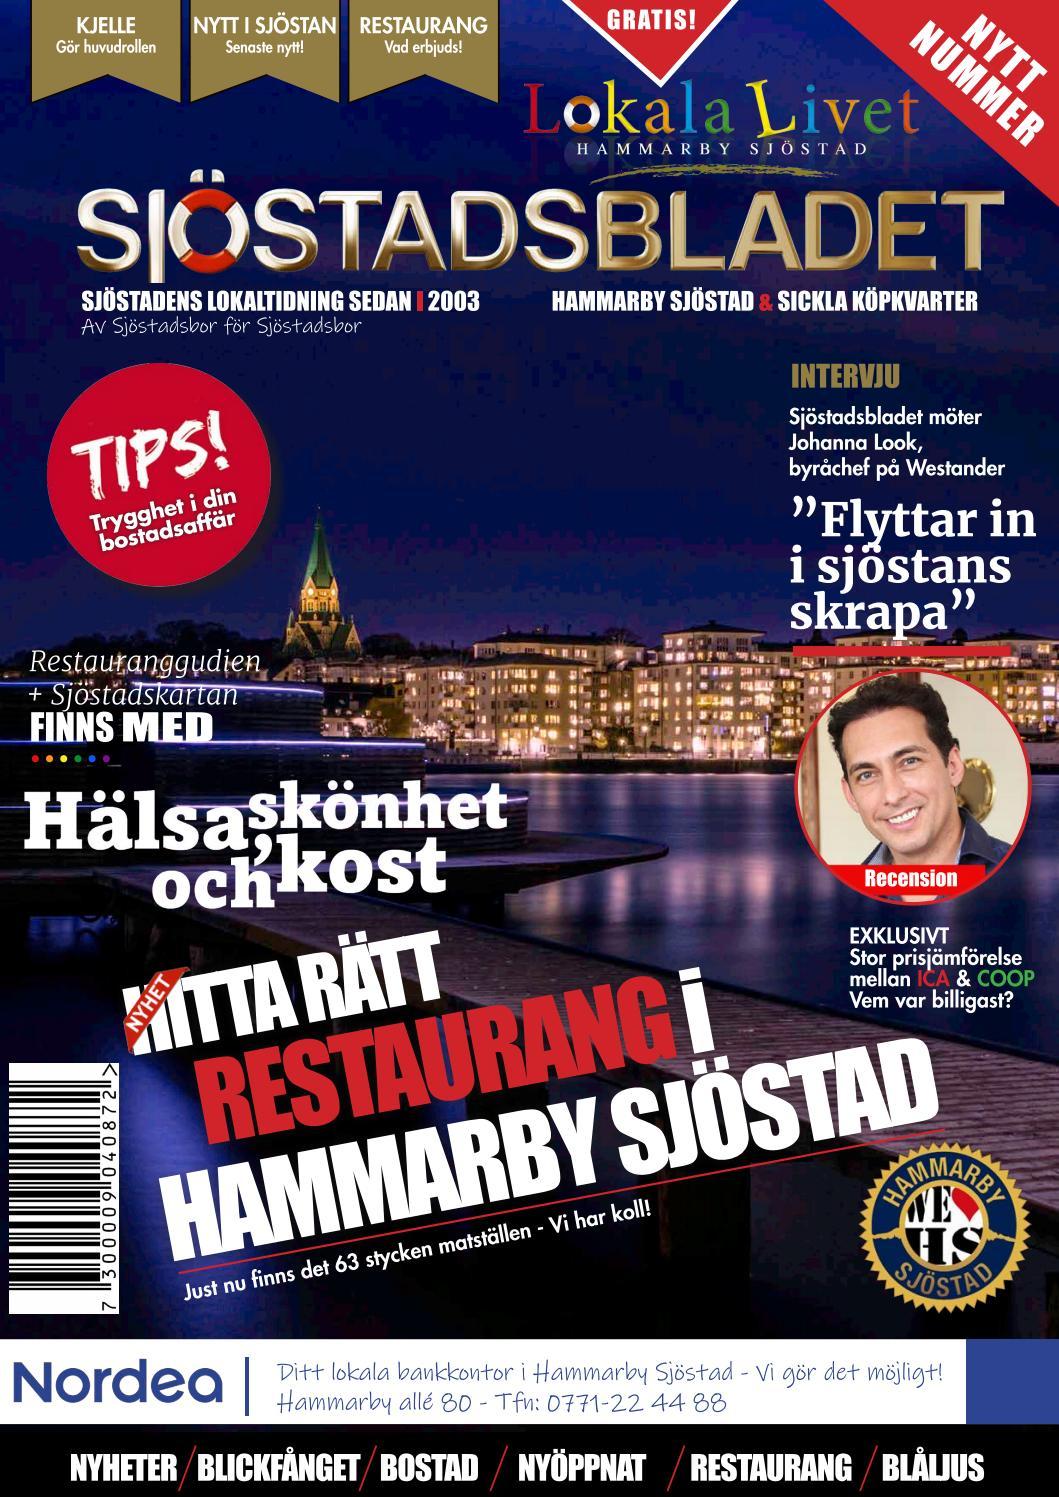 Jura Hammarby Sjöstad